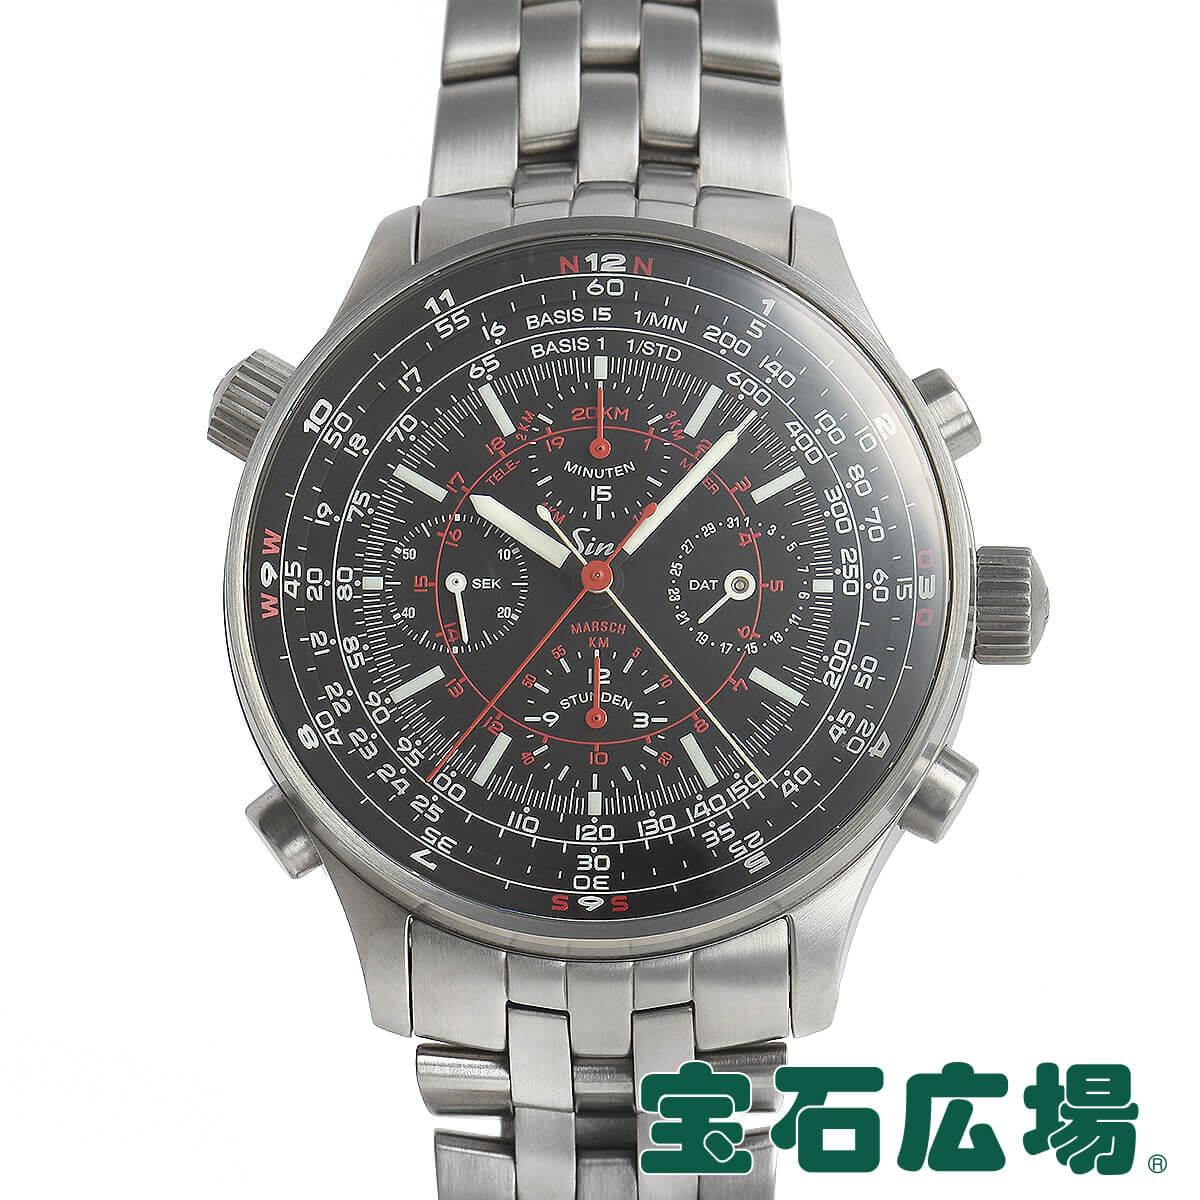 ジン SINN 958 フルダ チャレンジ クロノグラフ 世界限定250本 958.FULDA【中古】メンズ 腕時計 送料・代引手数料無料